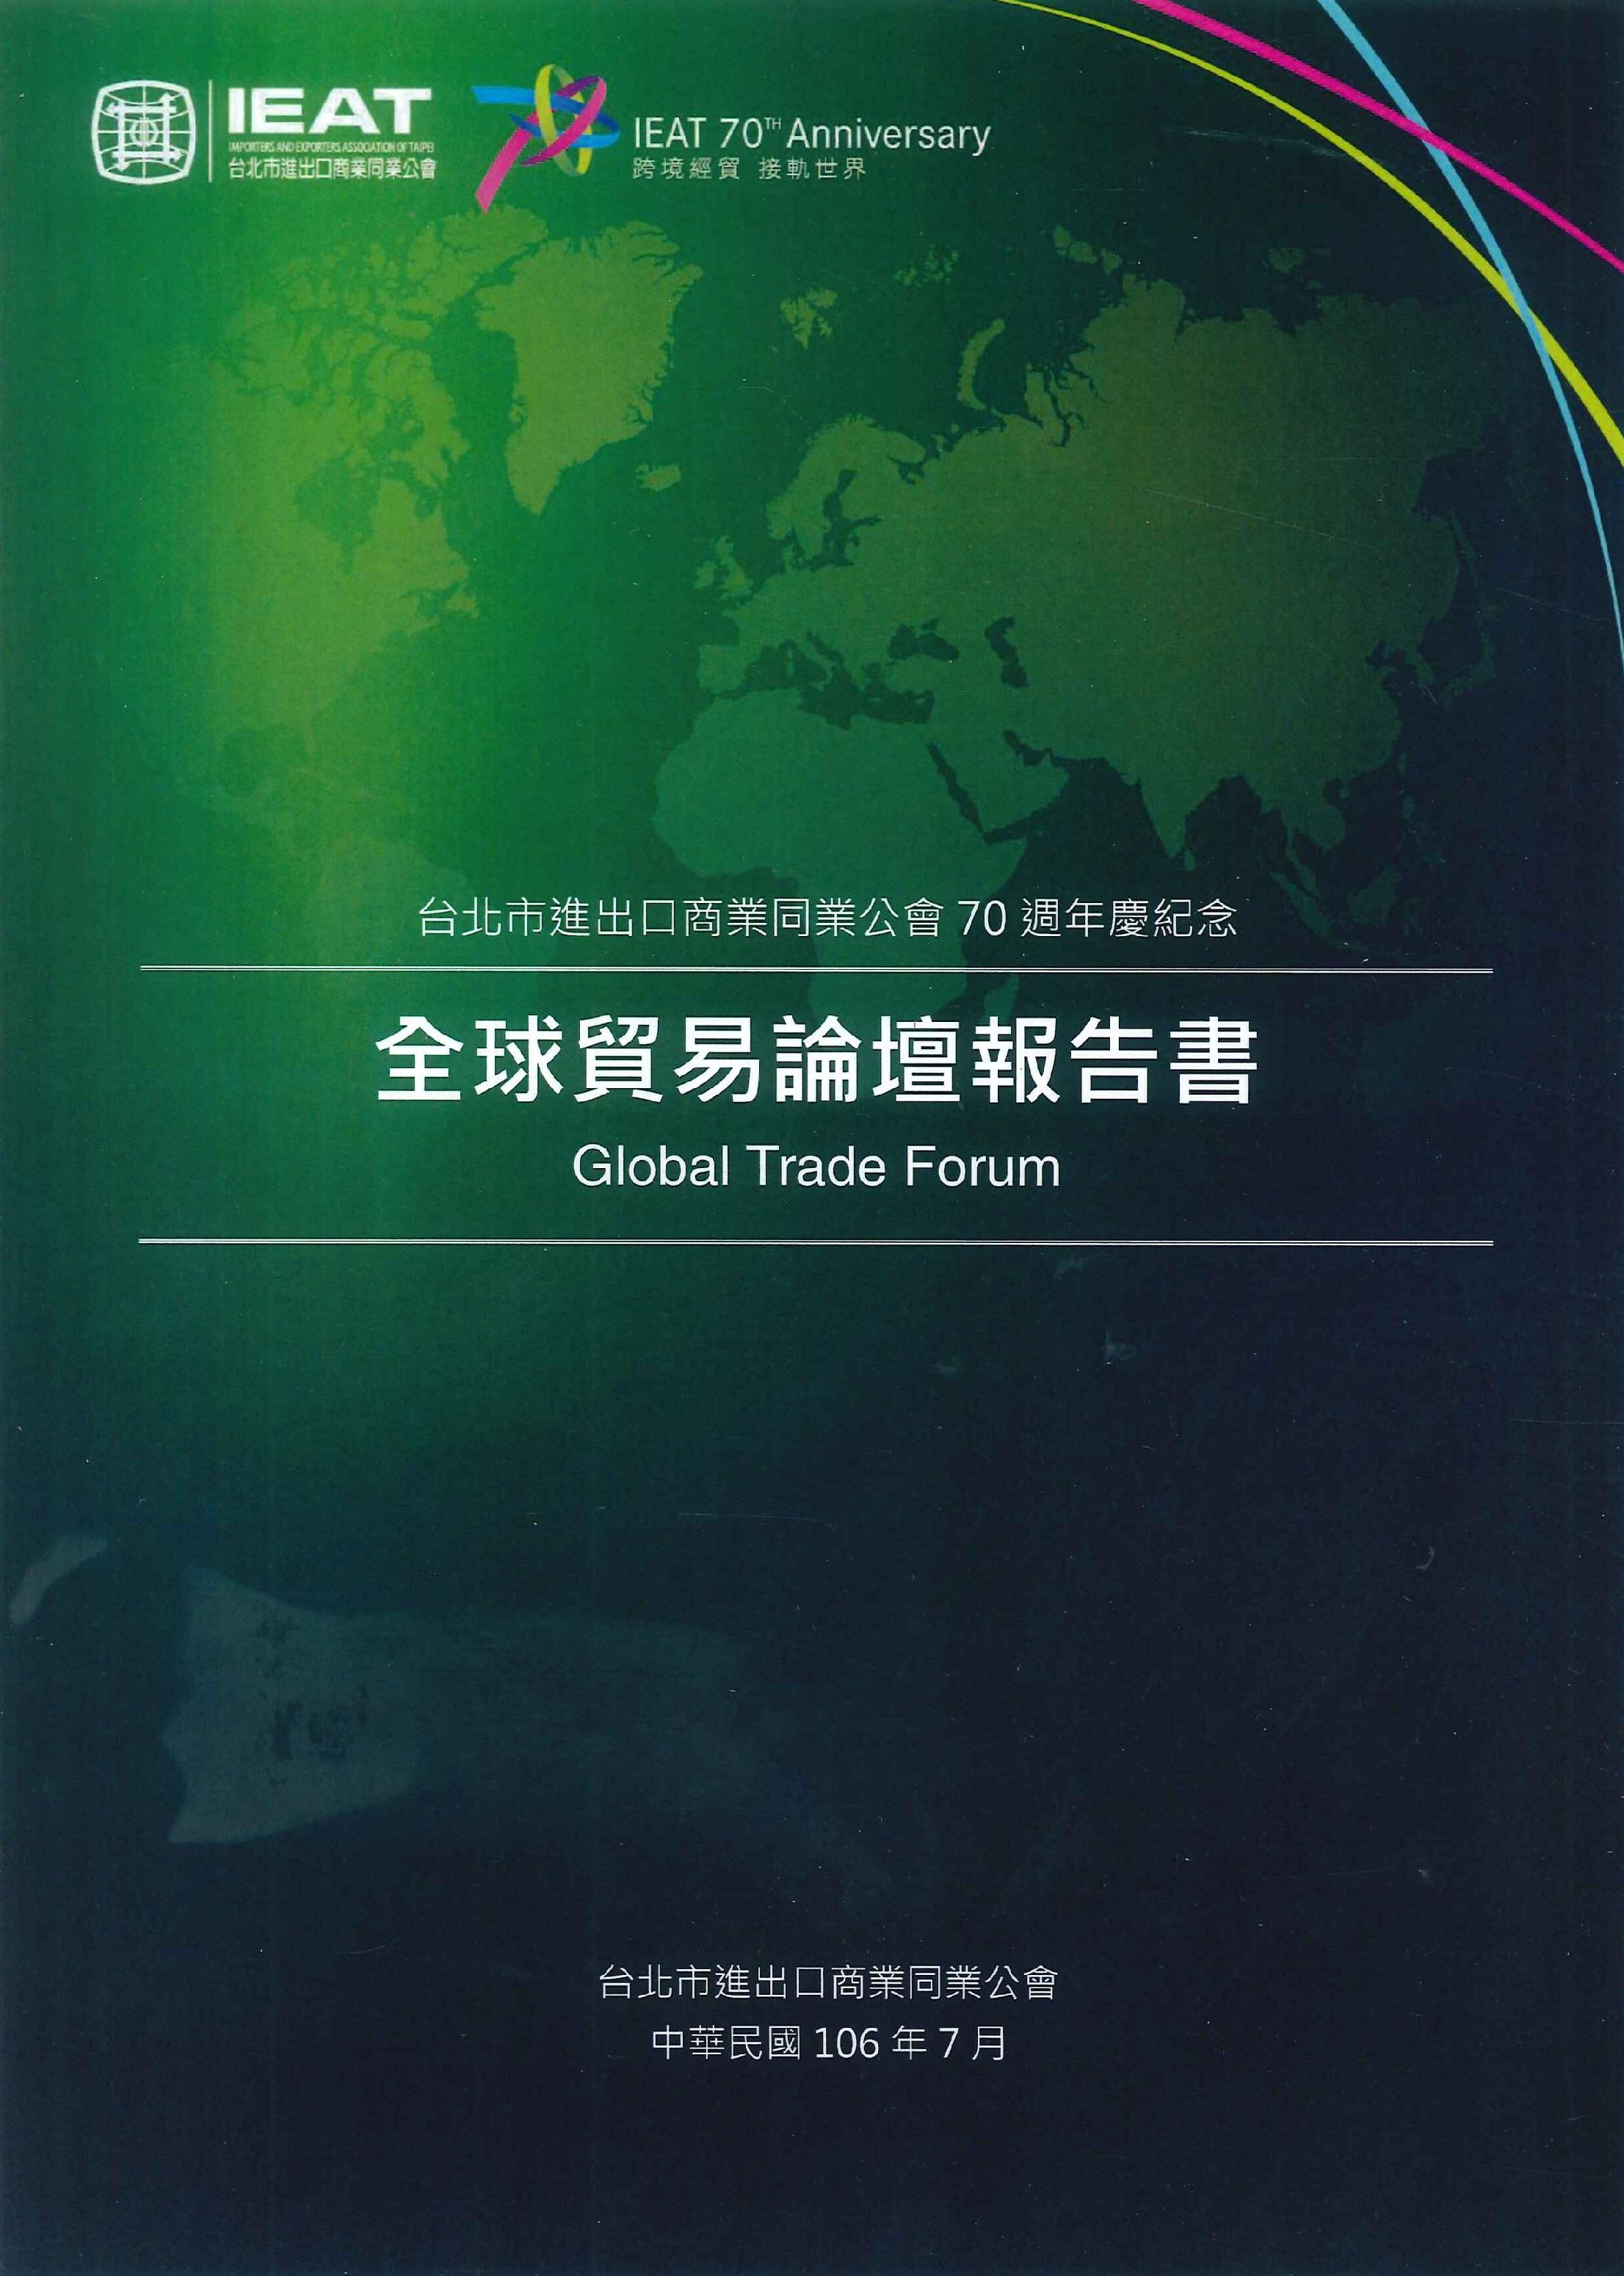 全球貿易論壇報告書:台北市進出口商業同業公會70週年慶紀念=Global trade forum: IEAT 70th anniversary